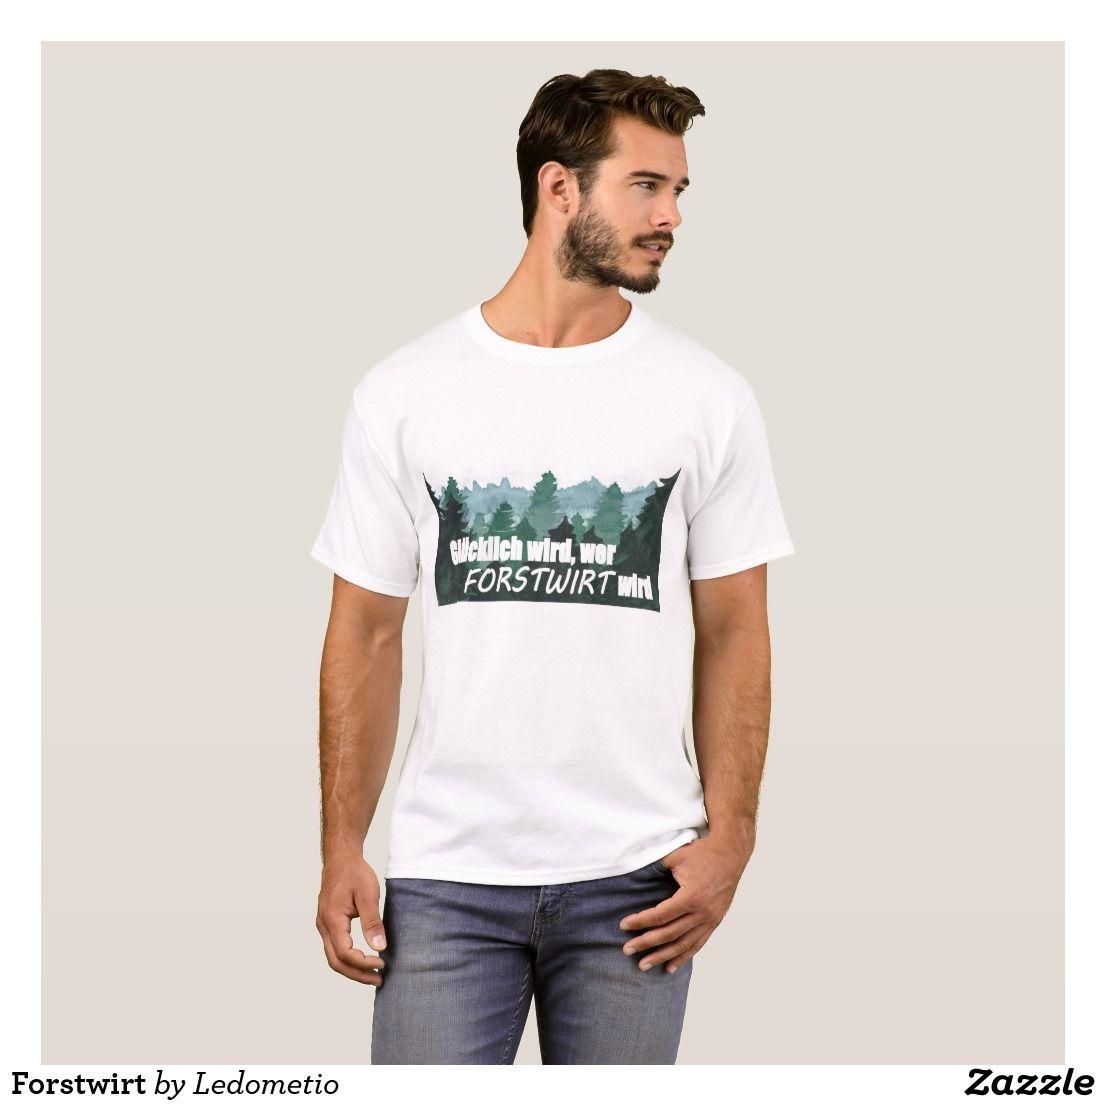 forstwirt tshirt  zazzlede  t shirt männer berlin t